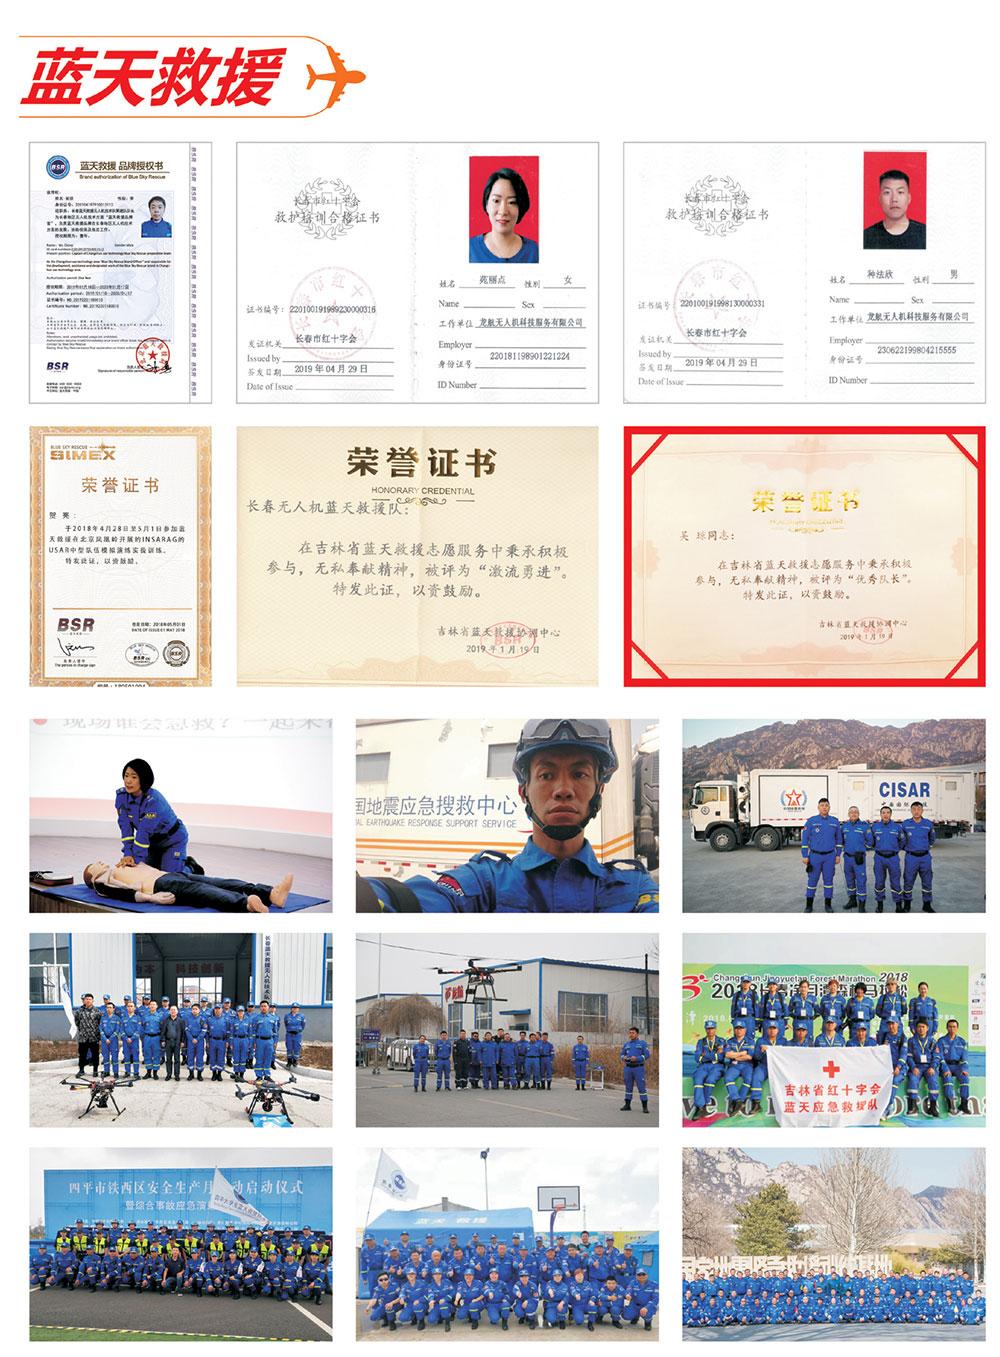 龙航无人机宣传册20191016_页面_17.jpg